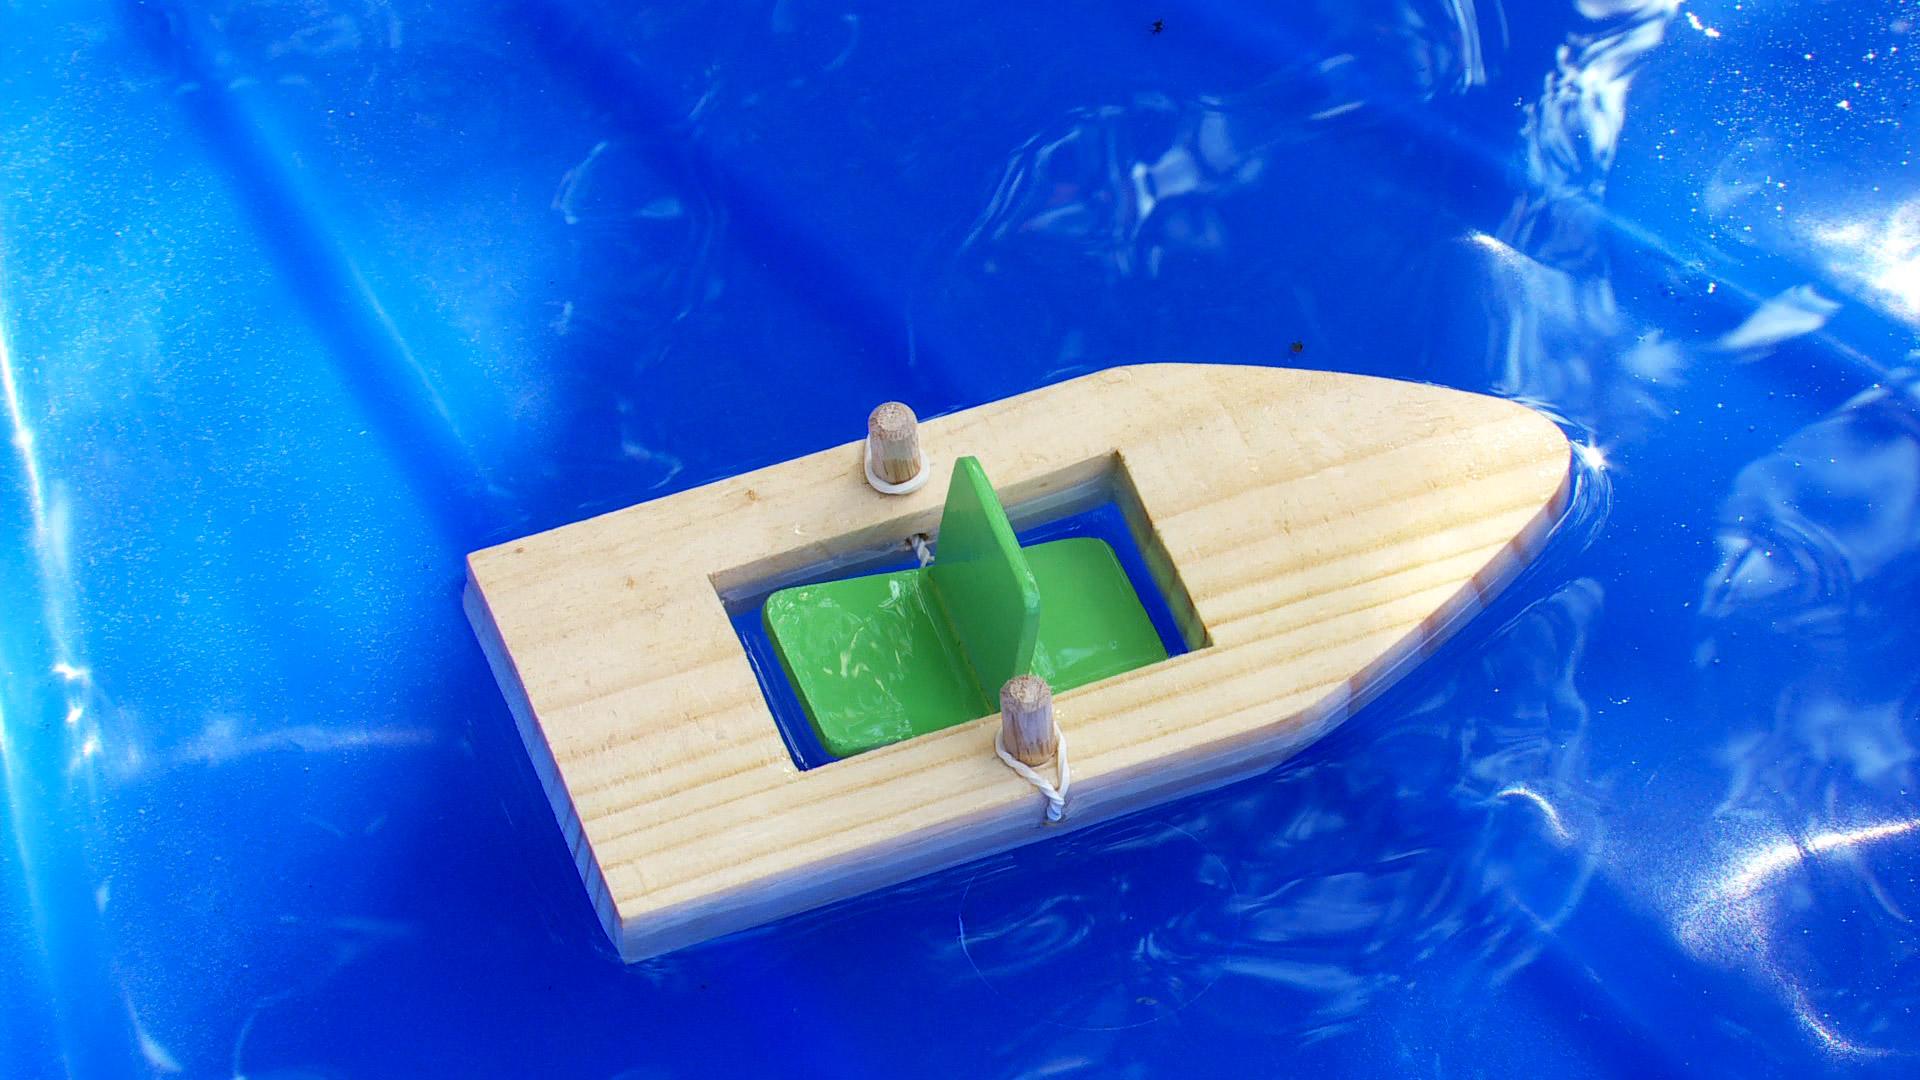 Hgalo Usted Mismo  Cmo hacer un bote de juguete